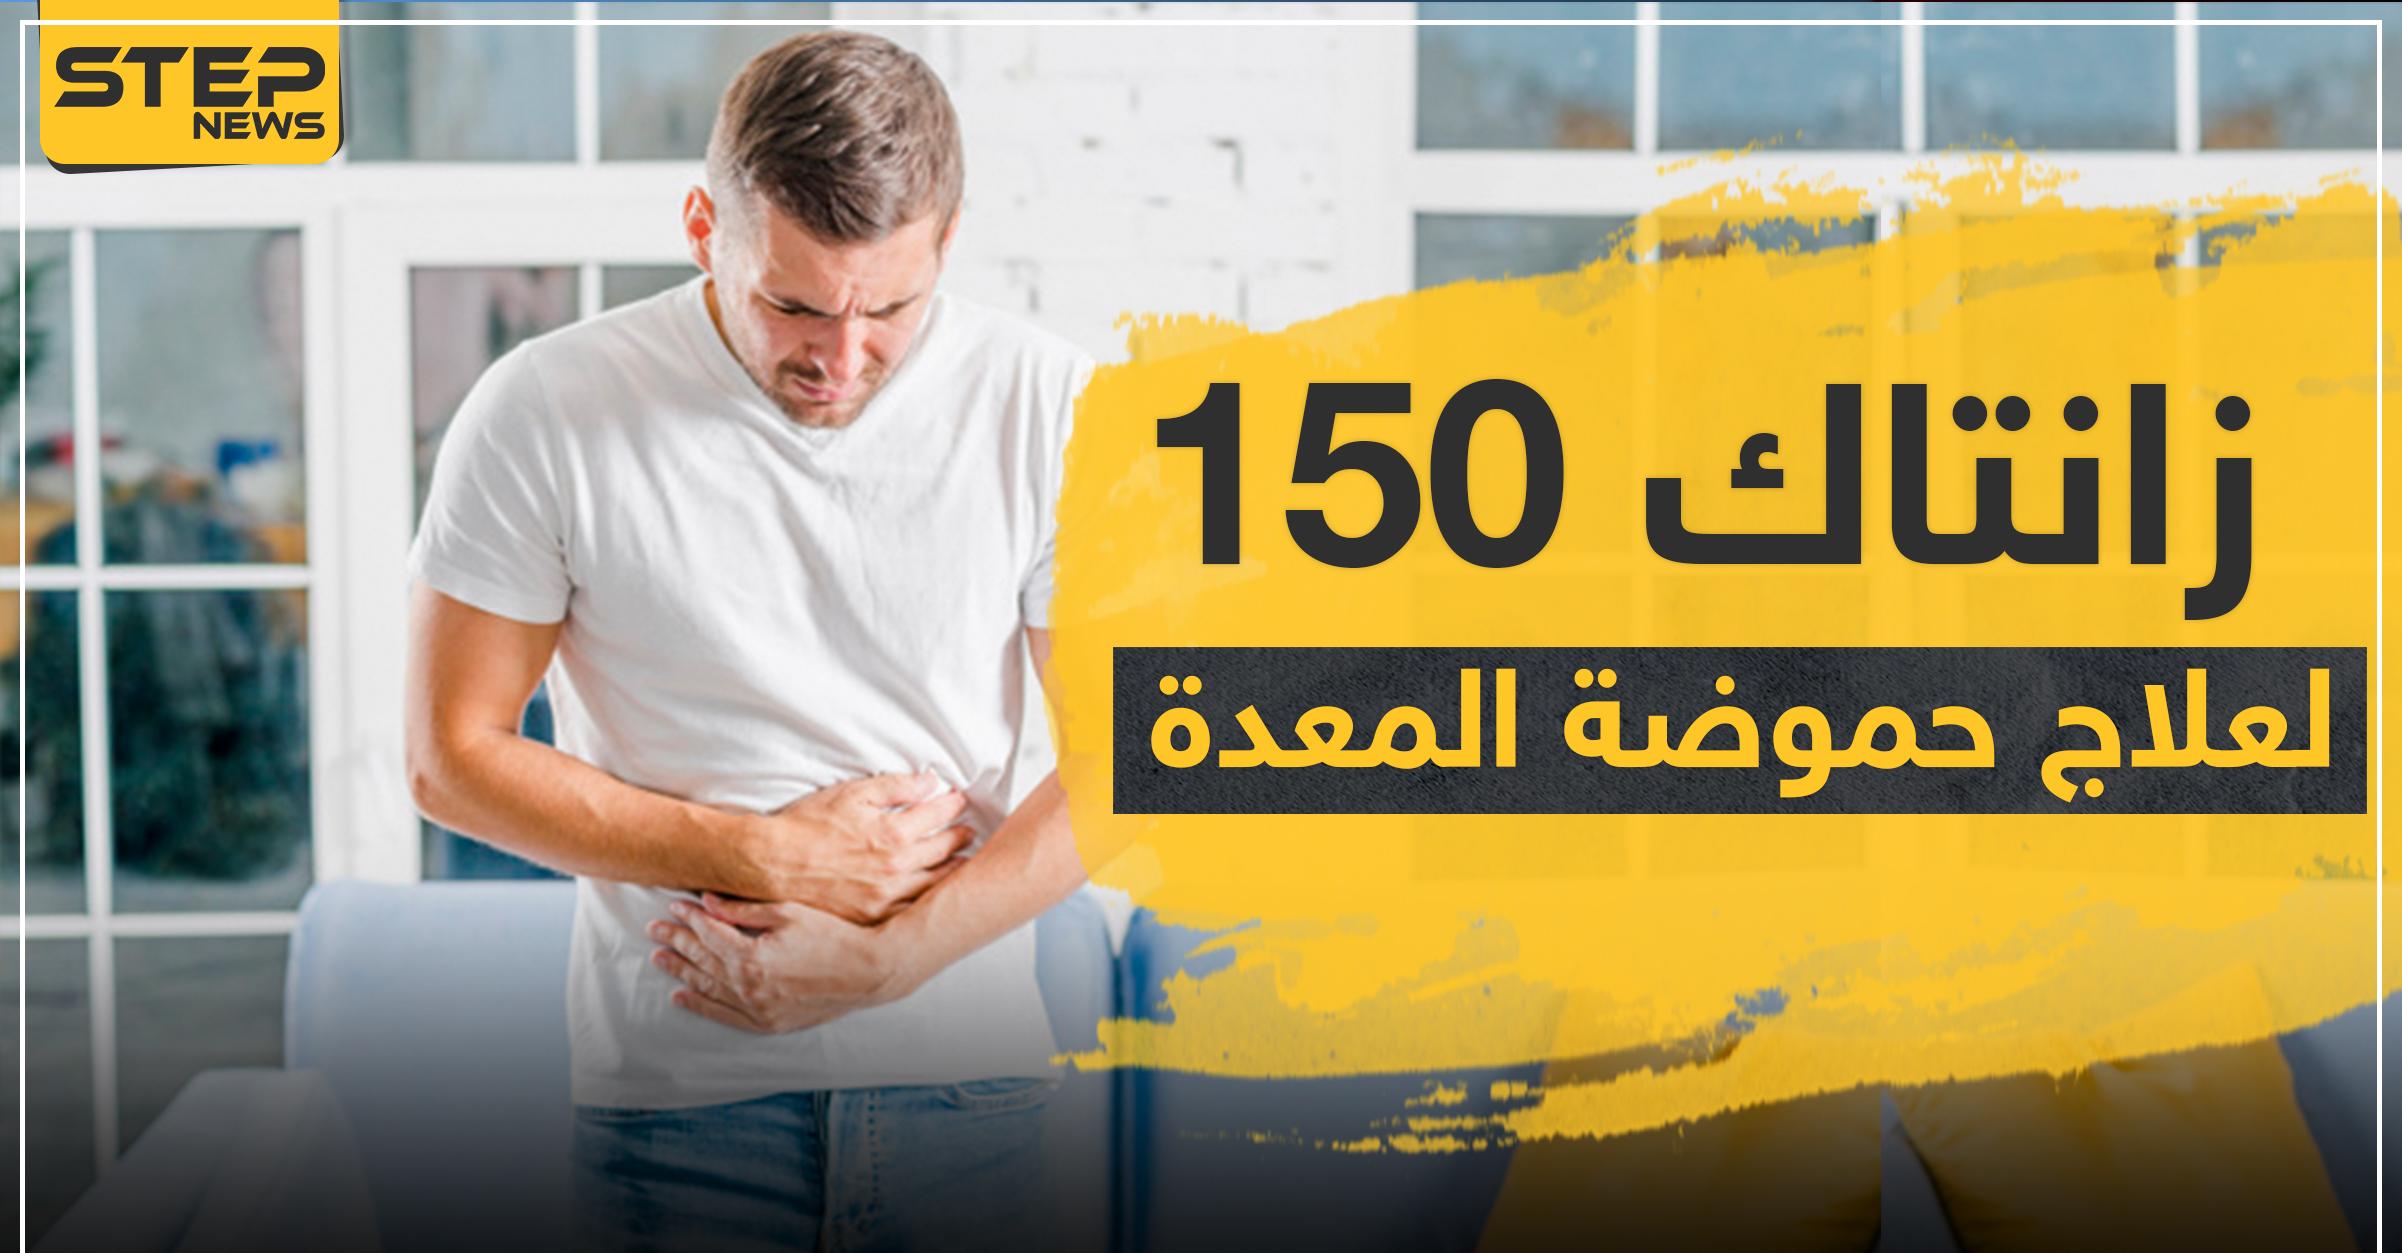 زانتاك 150 لعلاج حموضة المعدة